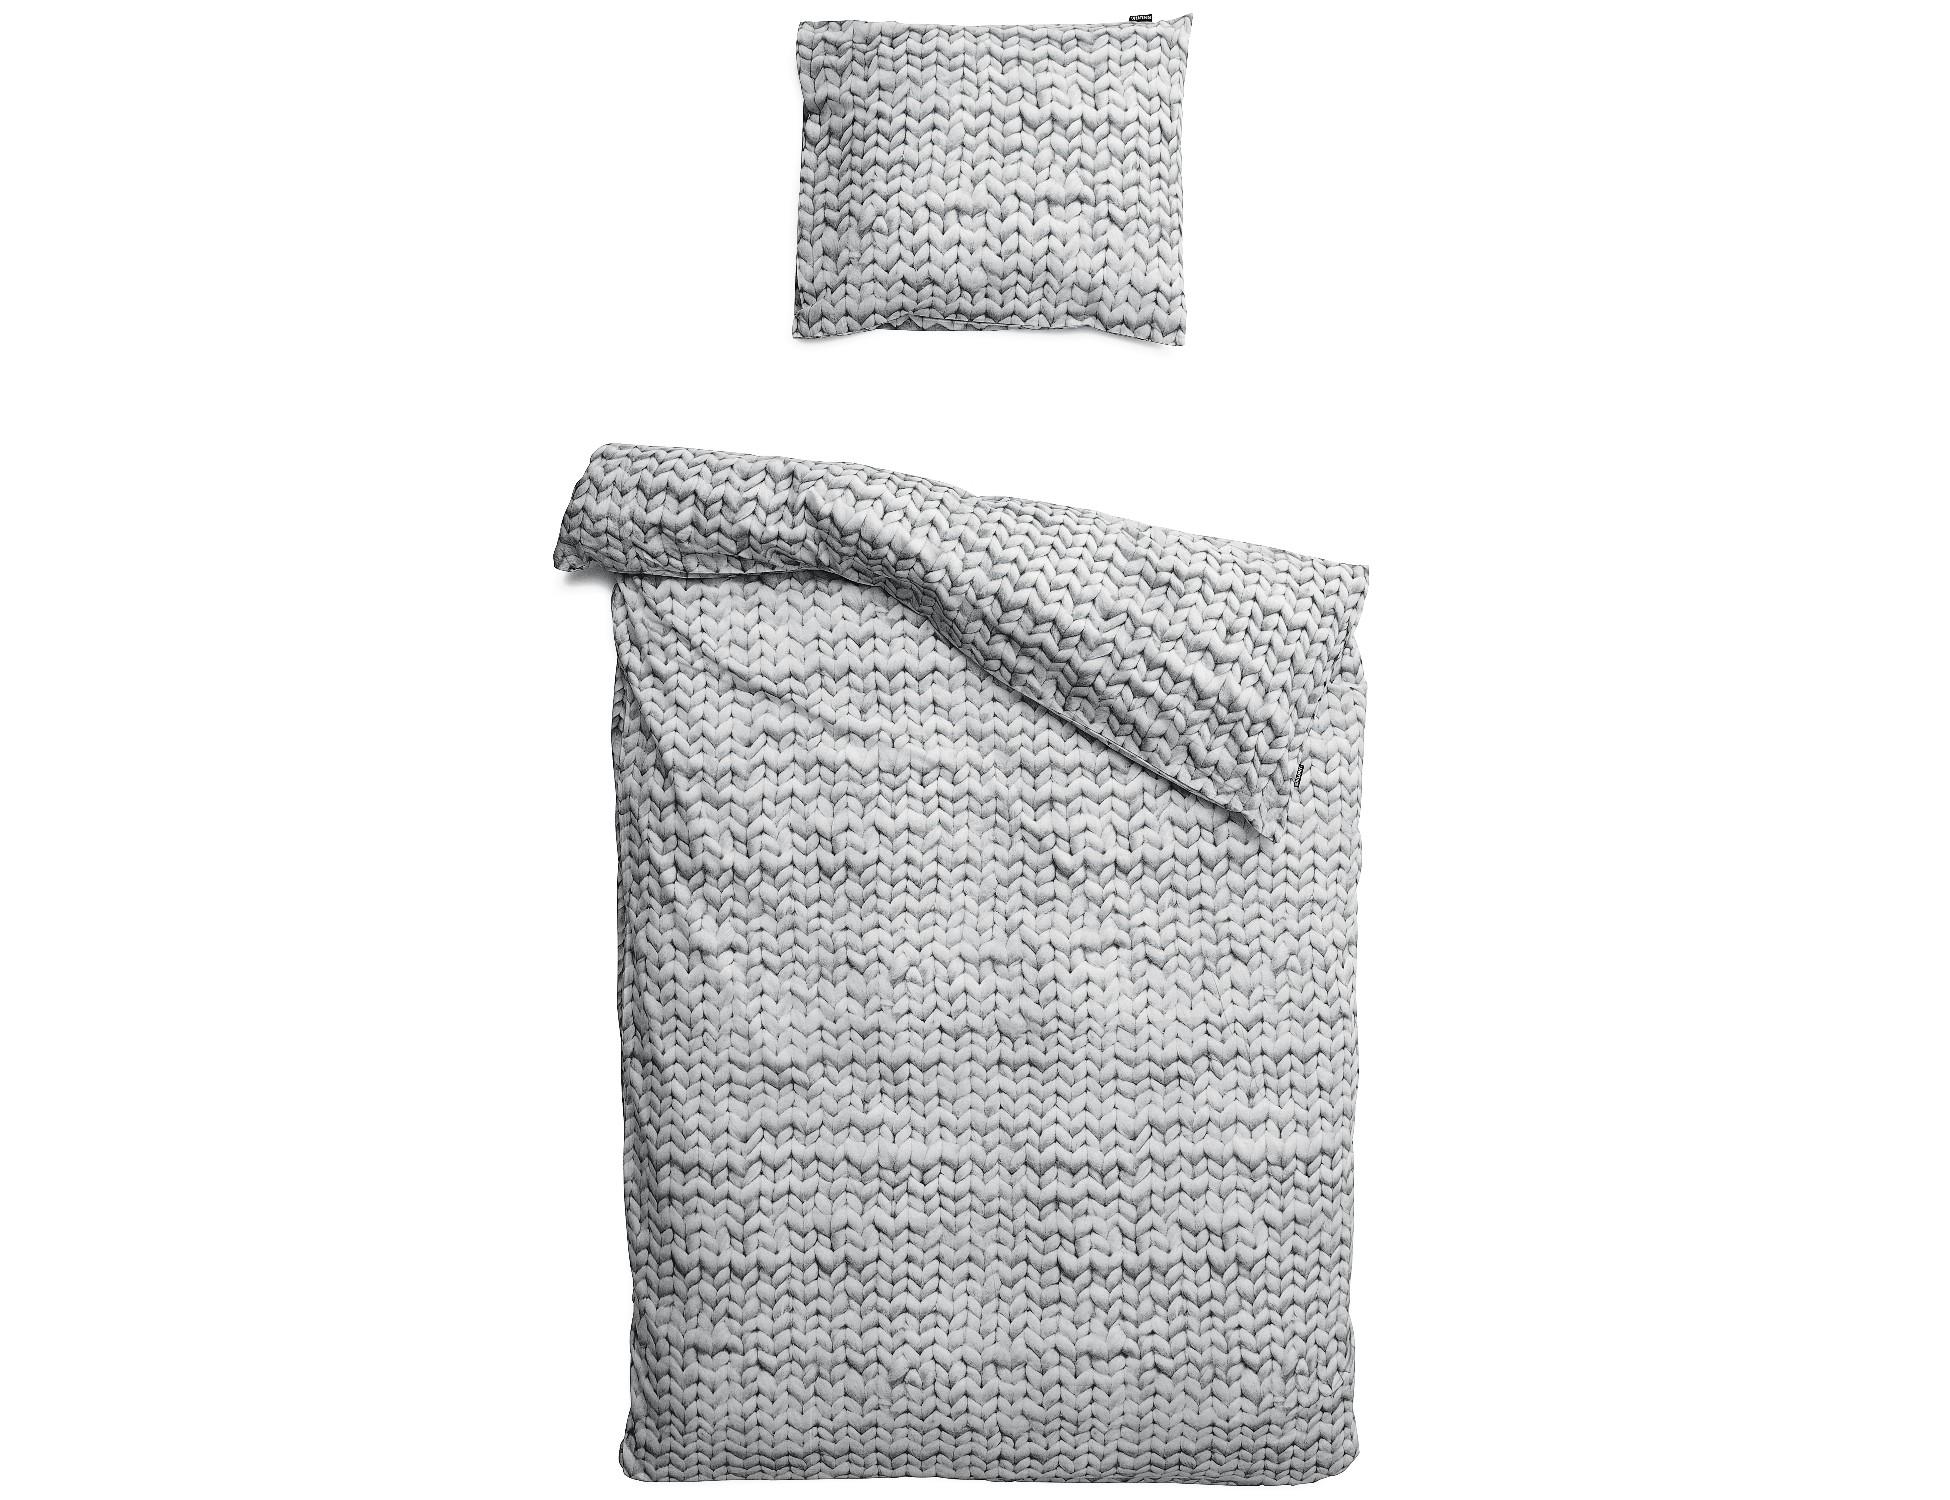 Комплект постельного белья Косичка серыйПолутороспальные комлпекты постельного белья<br>Этот мягкий узор связан очень большими спицами, а клубки шерсти были размером с баскетбольные мячи. Все для того, что бы внести уют и тепло в вашу спальню в холодные зимние ночи.&amp;amp;nbsp;&amp;lt;div&amp;gt;&amp;lt;br&amp;gt;&amp;lt;/div&amp;gt;&amp;lt;div&amp;gt;&amp;lt;span style=&amp;quot;line-height: 1.78571;&amp;quot;&amp;gt;Материал: 100% хлопок ПЕРКАЛЬ (плотность ткани 214г/м2).&amp;amp;nbsp;&amp;lt;/span&amp;gt;&amp;lt;br&amp;gt;&amp;lt;/div&amp;gt;&amp;lt;div&amp;gt;&amp;lt;div&amp;gt;&amp;lt;span style=&amp;quot;line-height: 1.78571;&amp;quot;&amp;gt;В комплект входит: пододеяльник 150х200 см - 1 шт, наволочка 50х70 см - 1 шт.&amp;lt;/span&amp;gt;&amp;lt;br&amp;gt;&amp;lt;/div&amp;gt;&amp;lt;/div&amp;gt;<br><br>Material: Хлопок<br>Length см: 200<br>Width см: 150